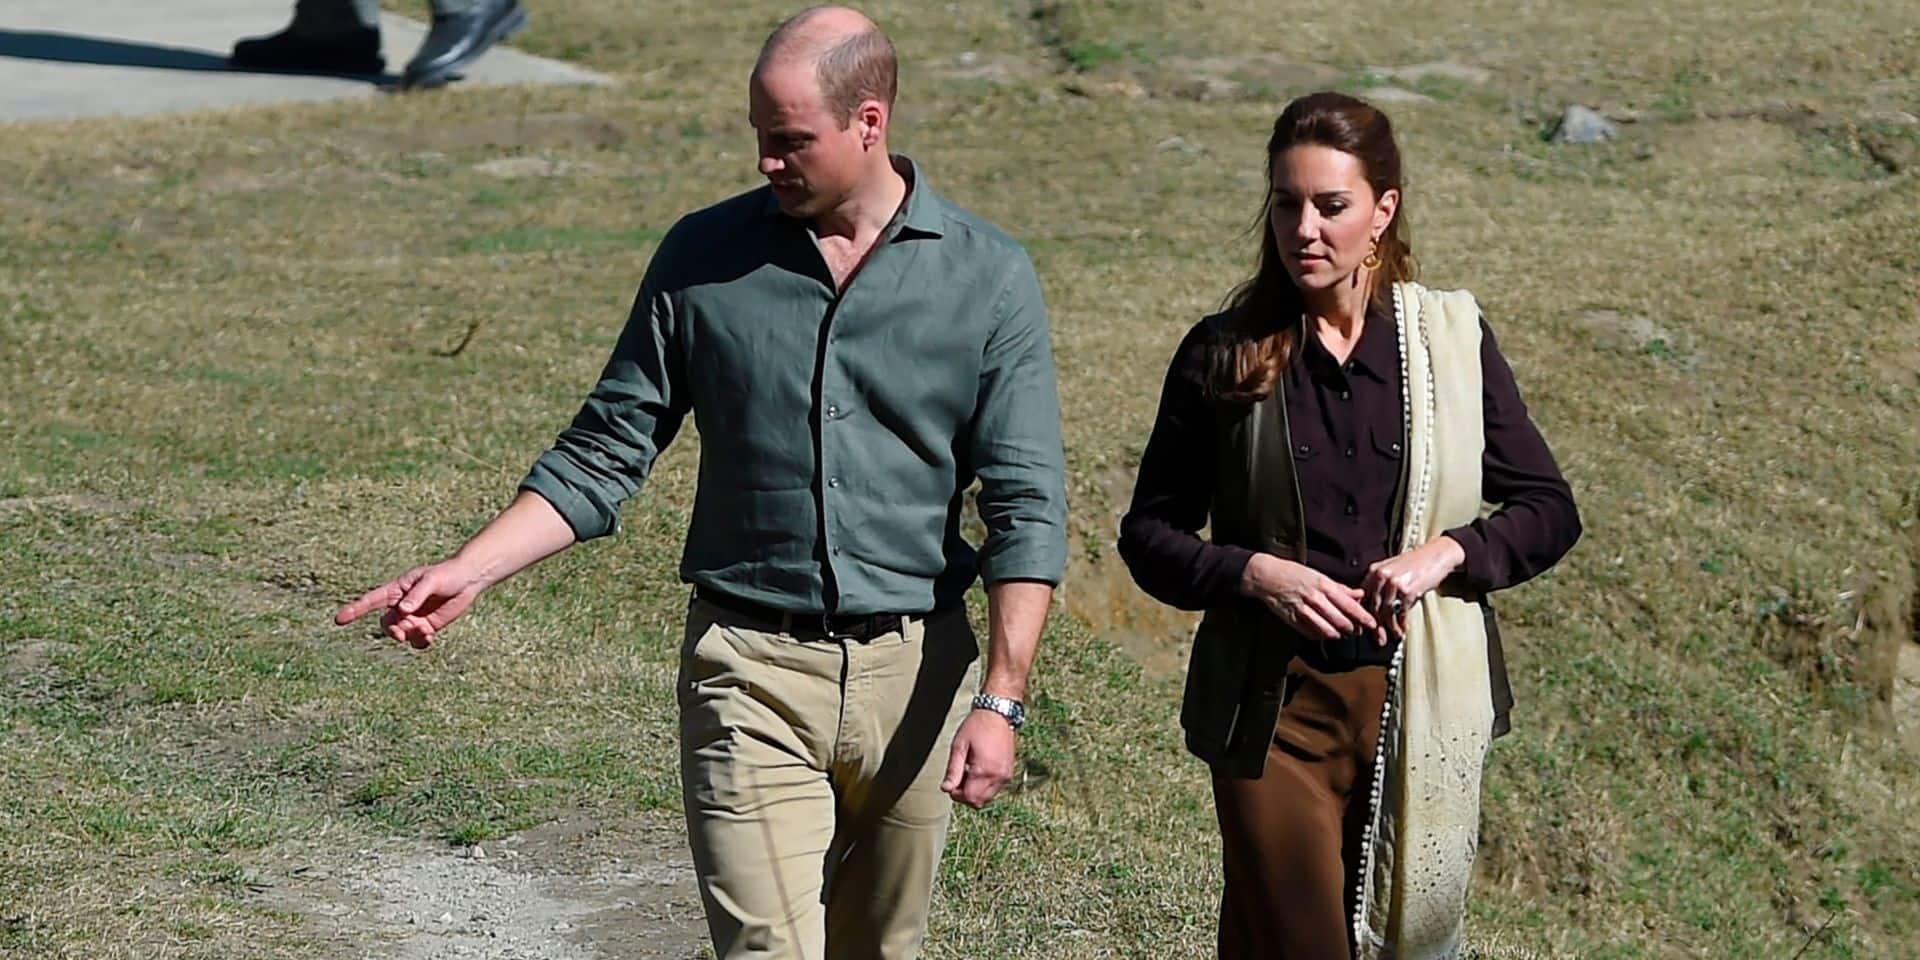 Un incident vient perturber le voyage de Kate et William au Pakistan